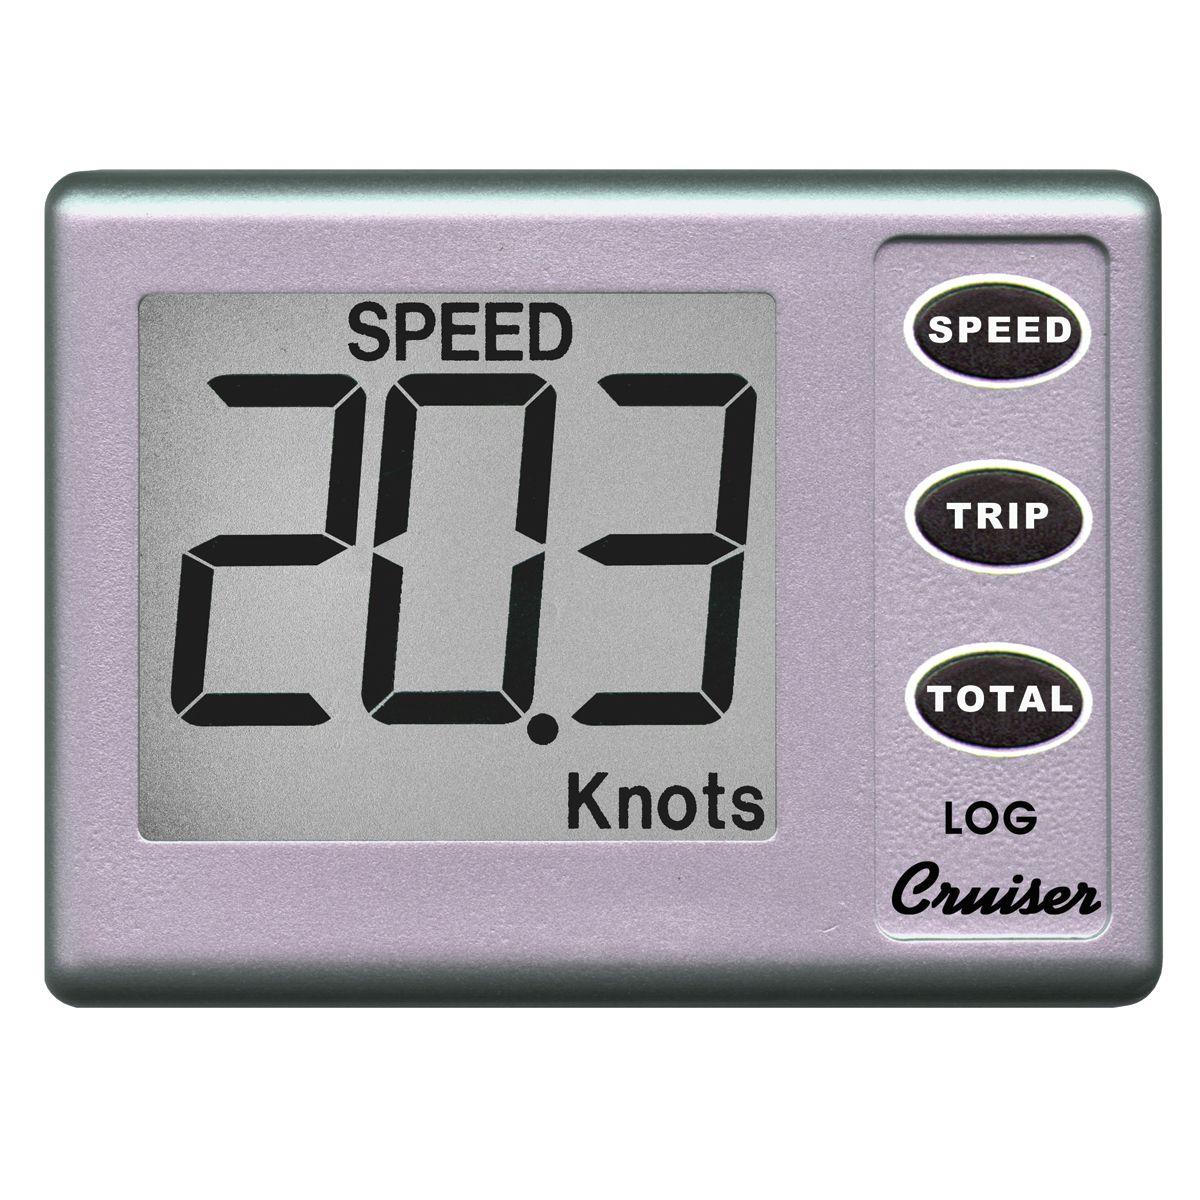 Cruiser Speed & Distance Log